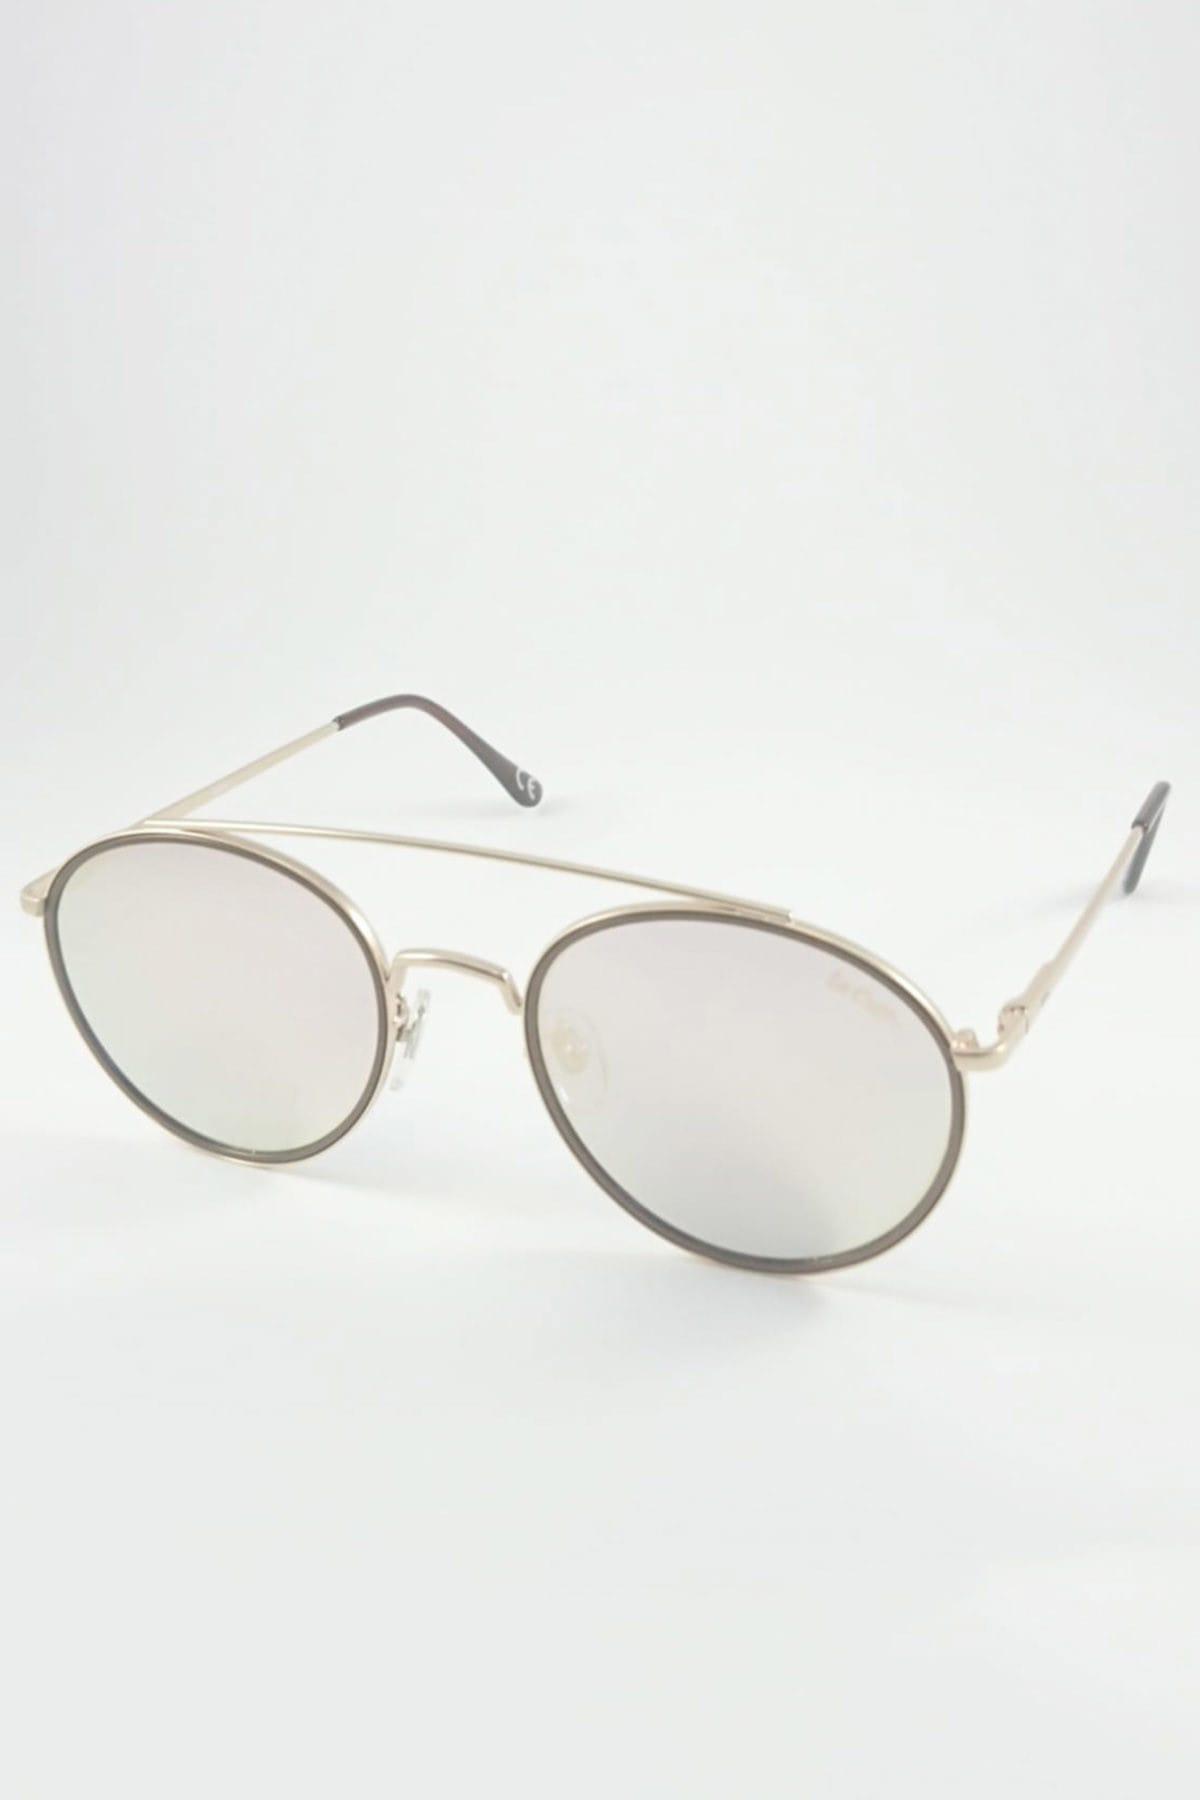 فروش اینترنتی عینک دودی مردانه با قیمت برند Lee Cooper رنگ صورتی ty6079717